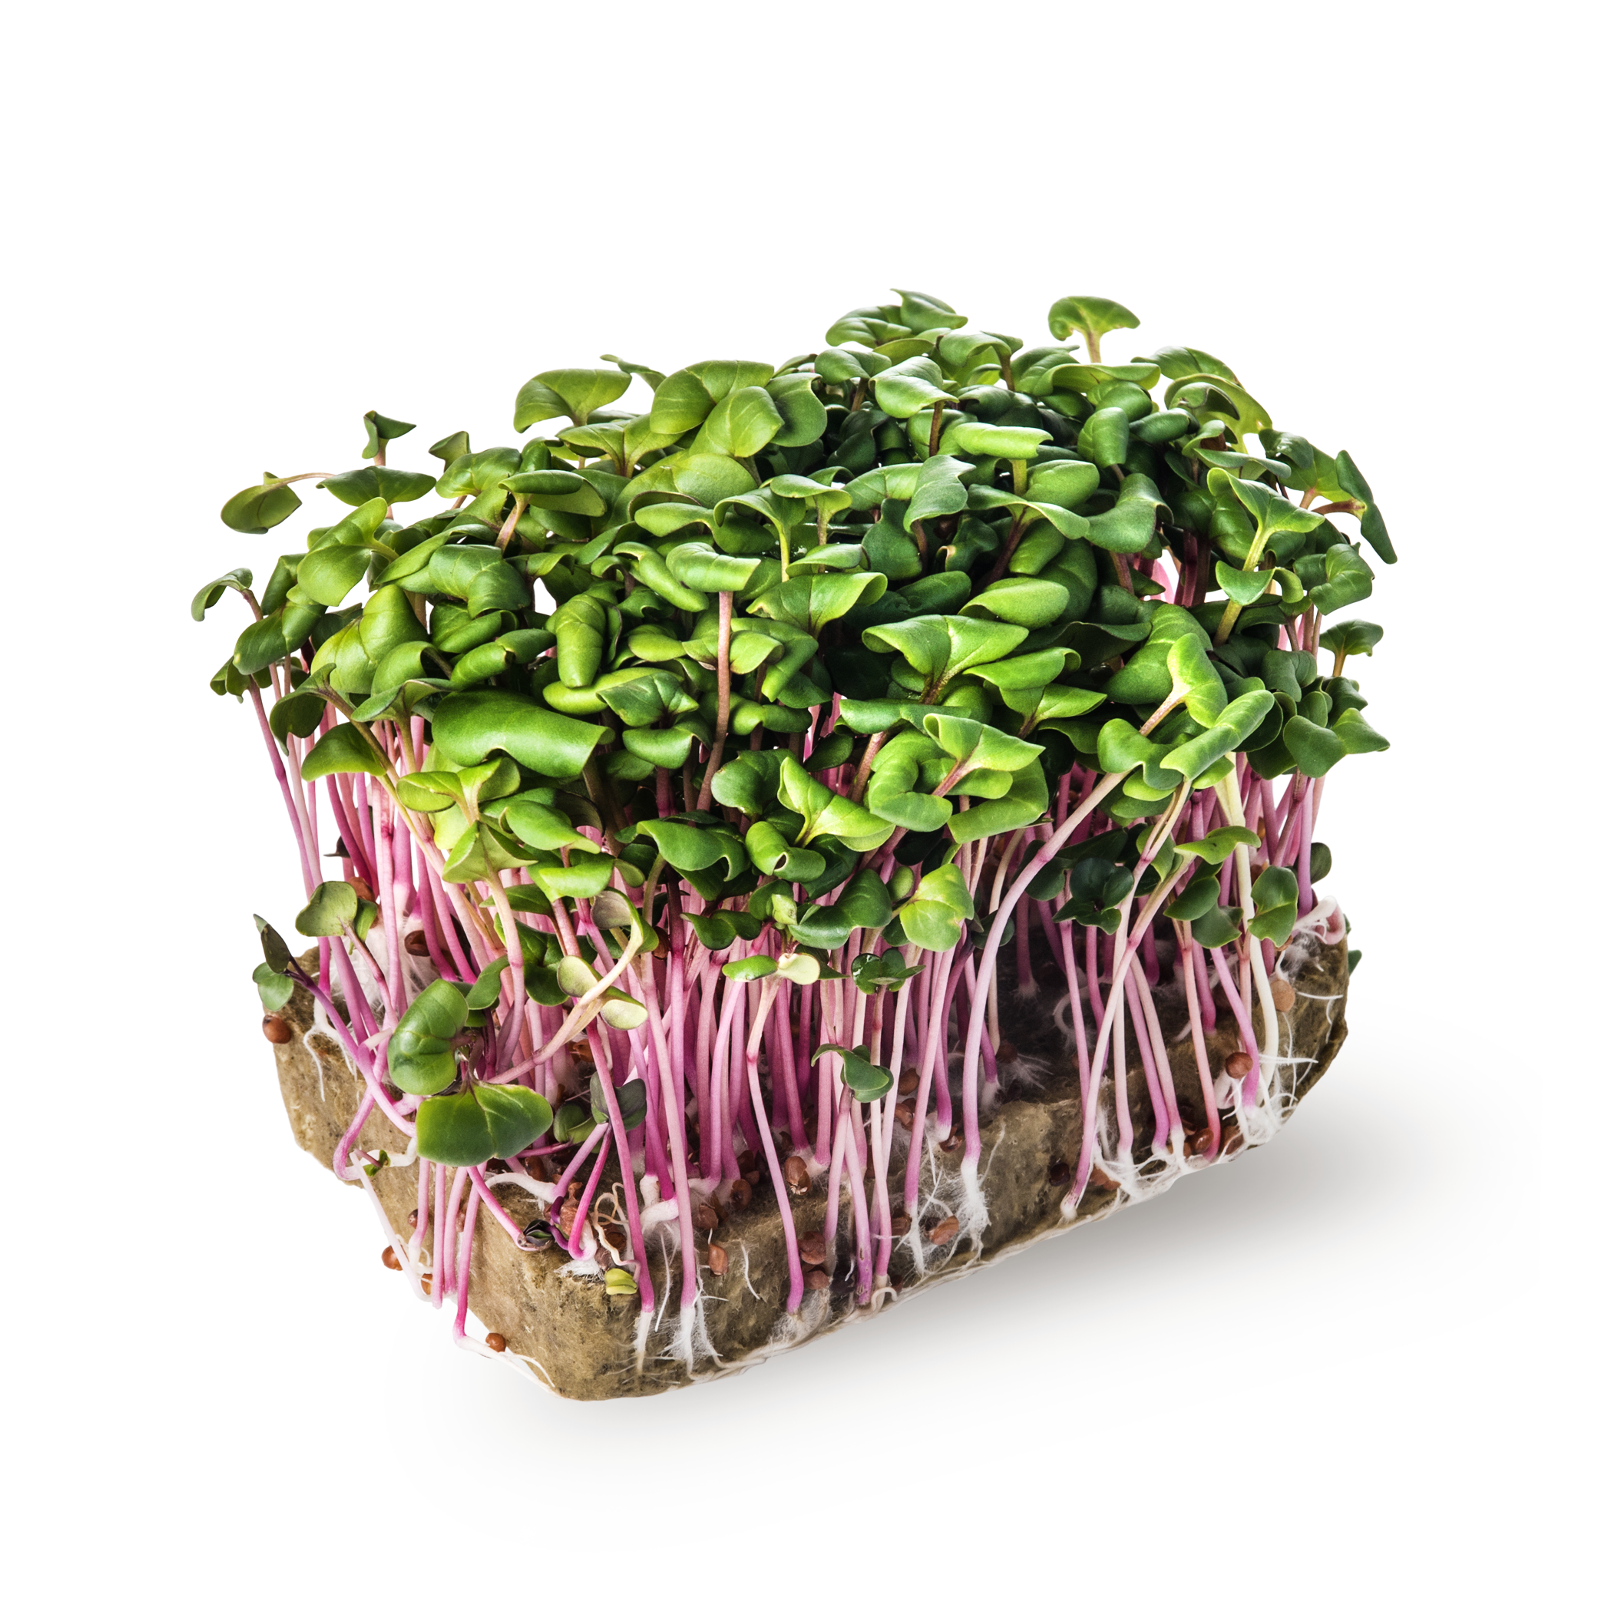 Image редис зеленый